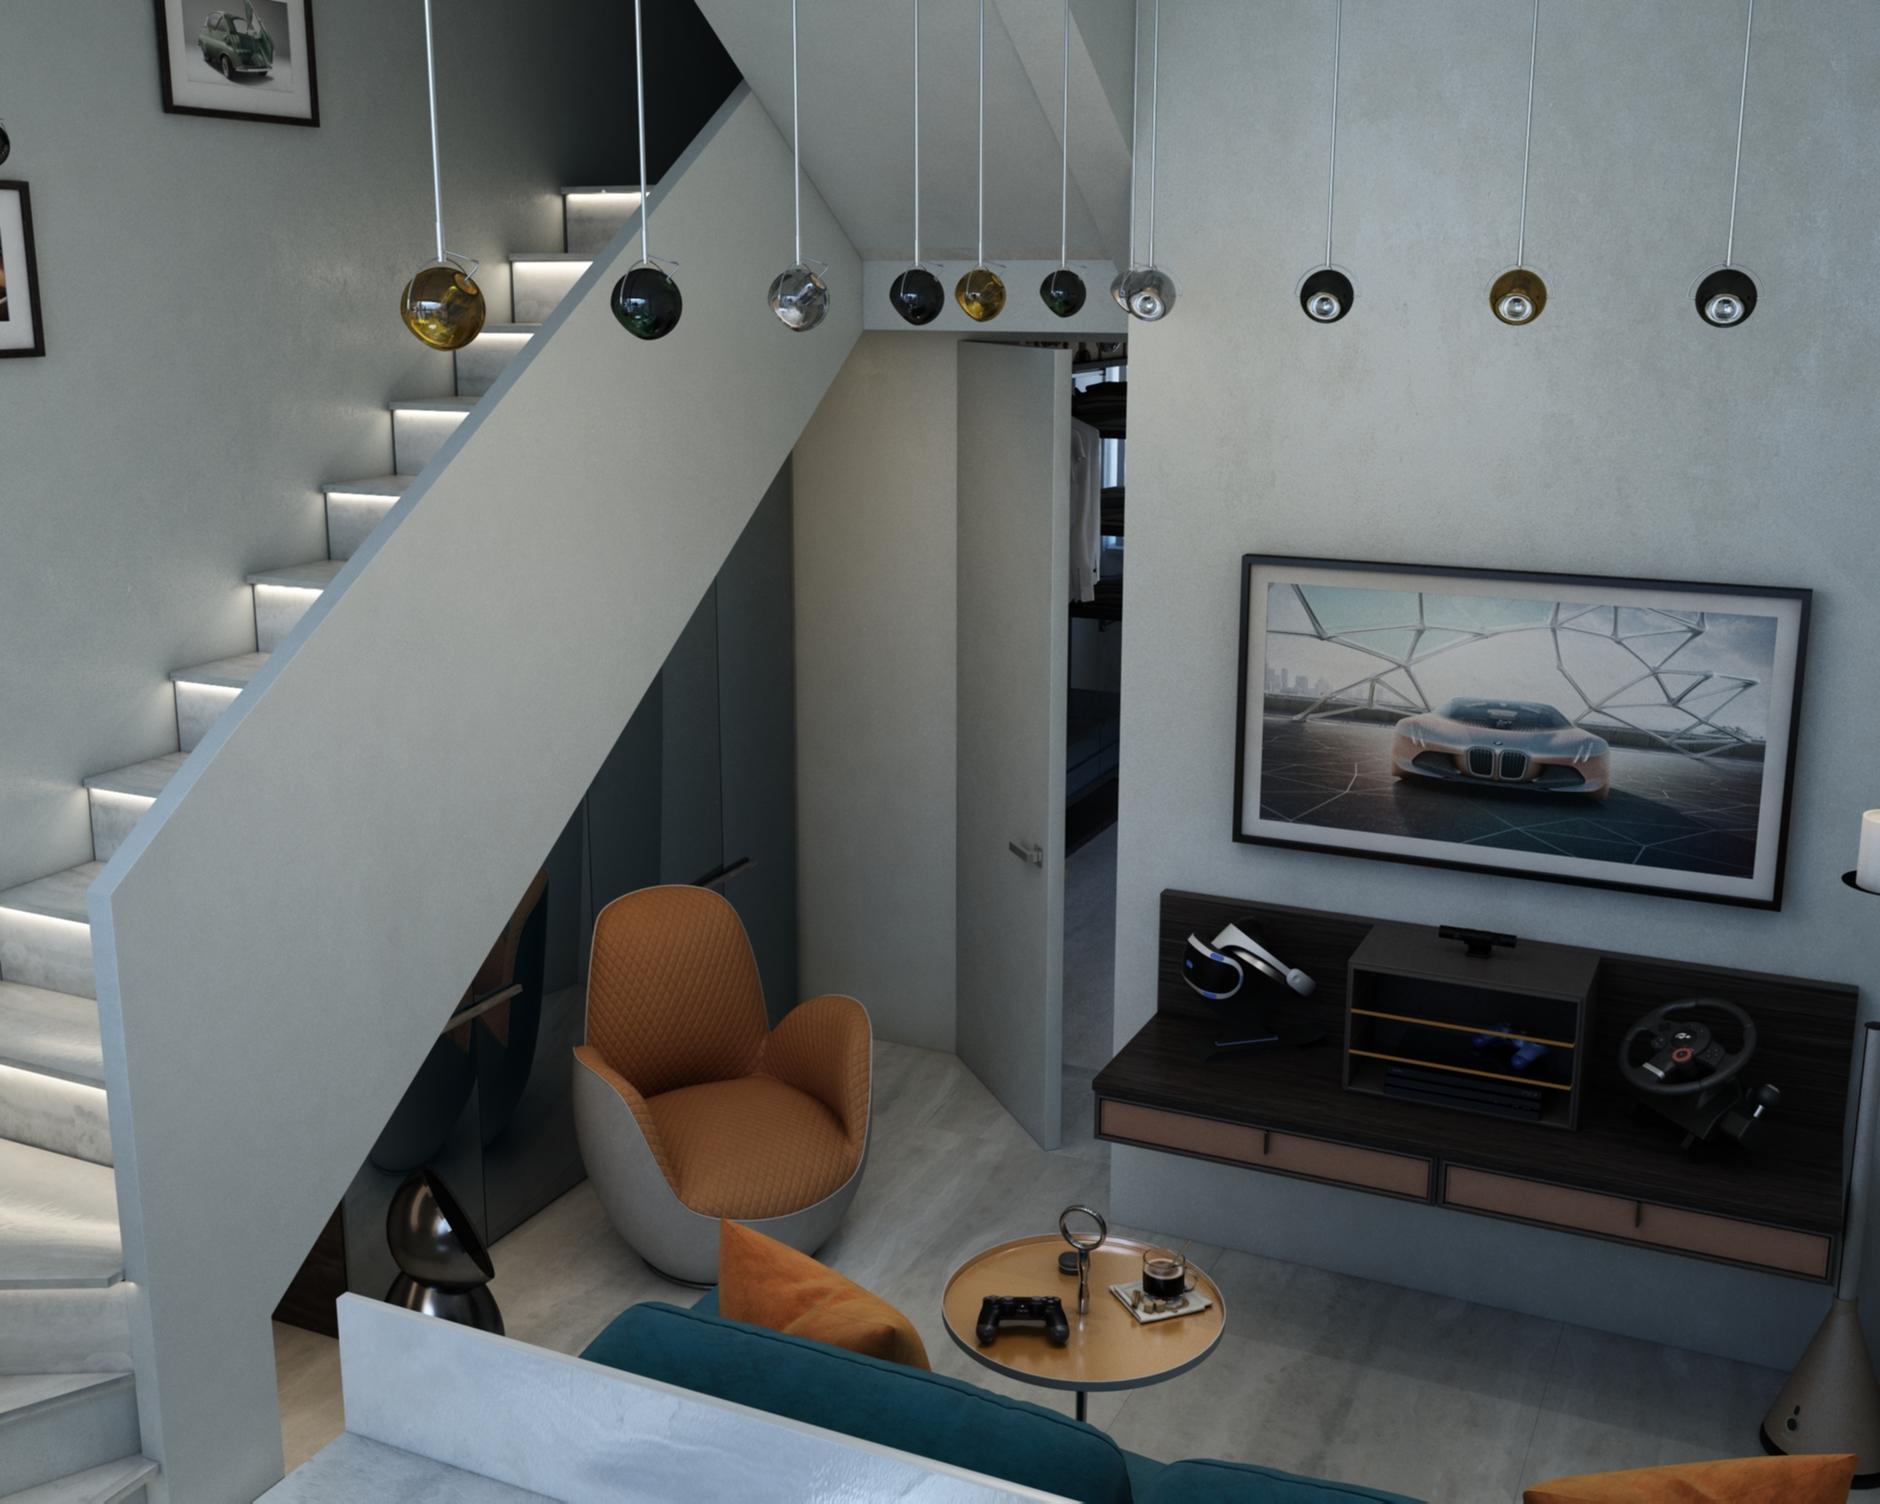 Итоги конкурса на разработку проекта для «Дома Наркомфина» (галерея 5, фото 3)